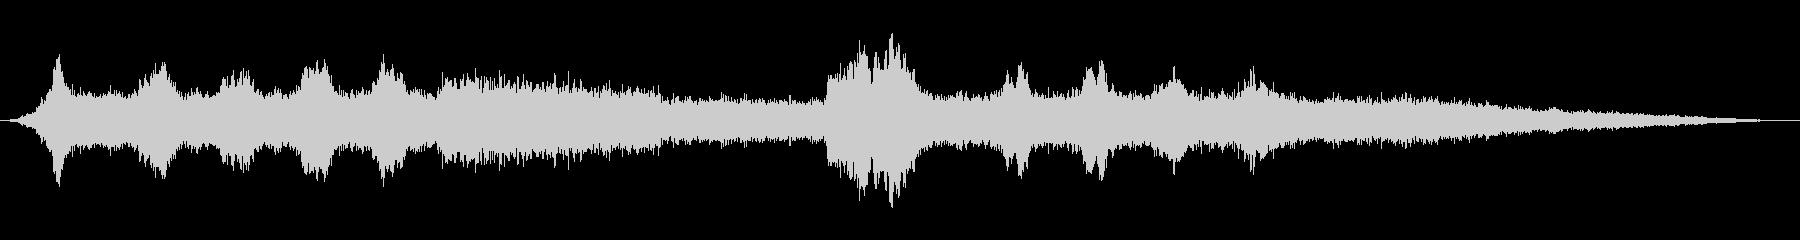 ミ~ンミンミンミ~ン(セミの鳴き声2)の未再生の波形